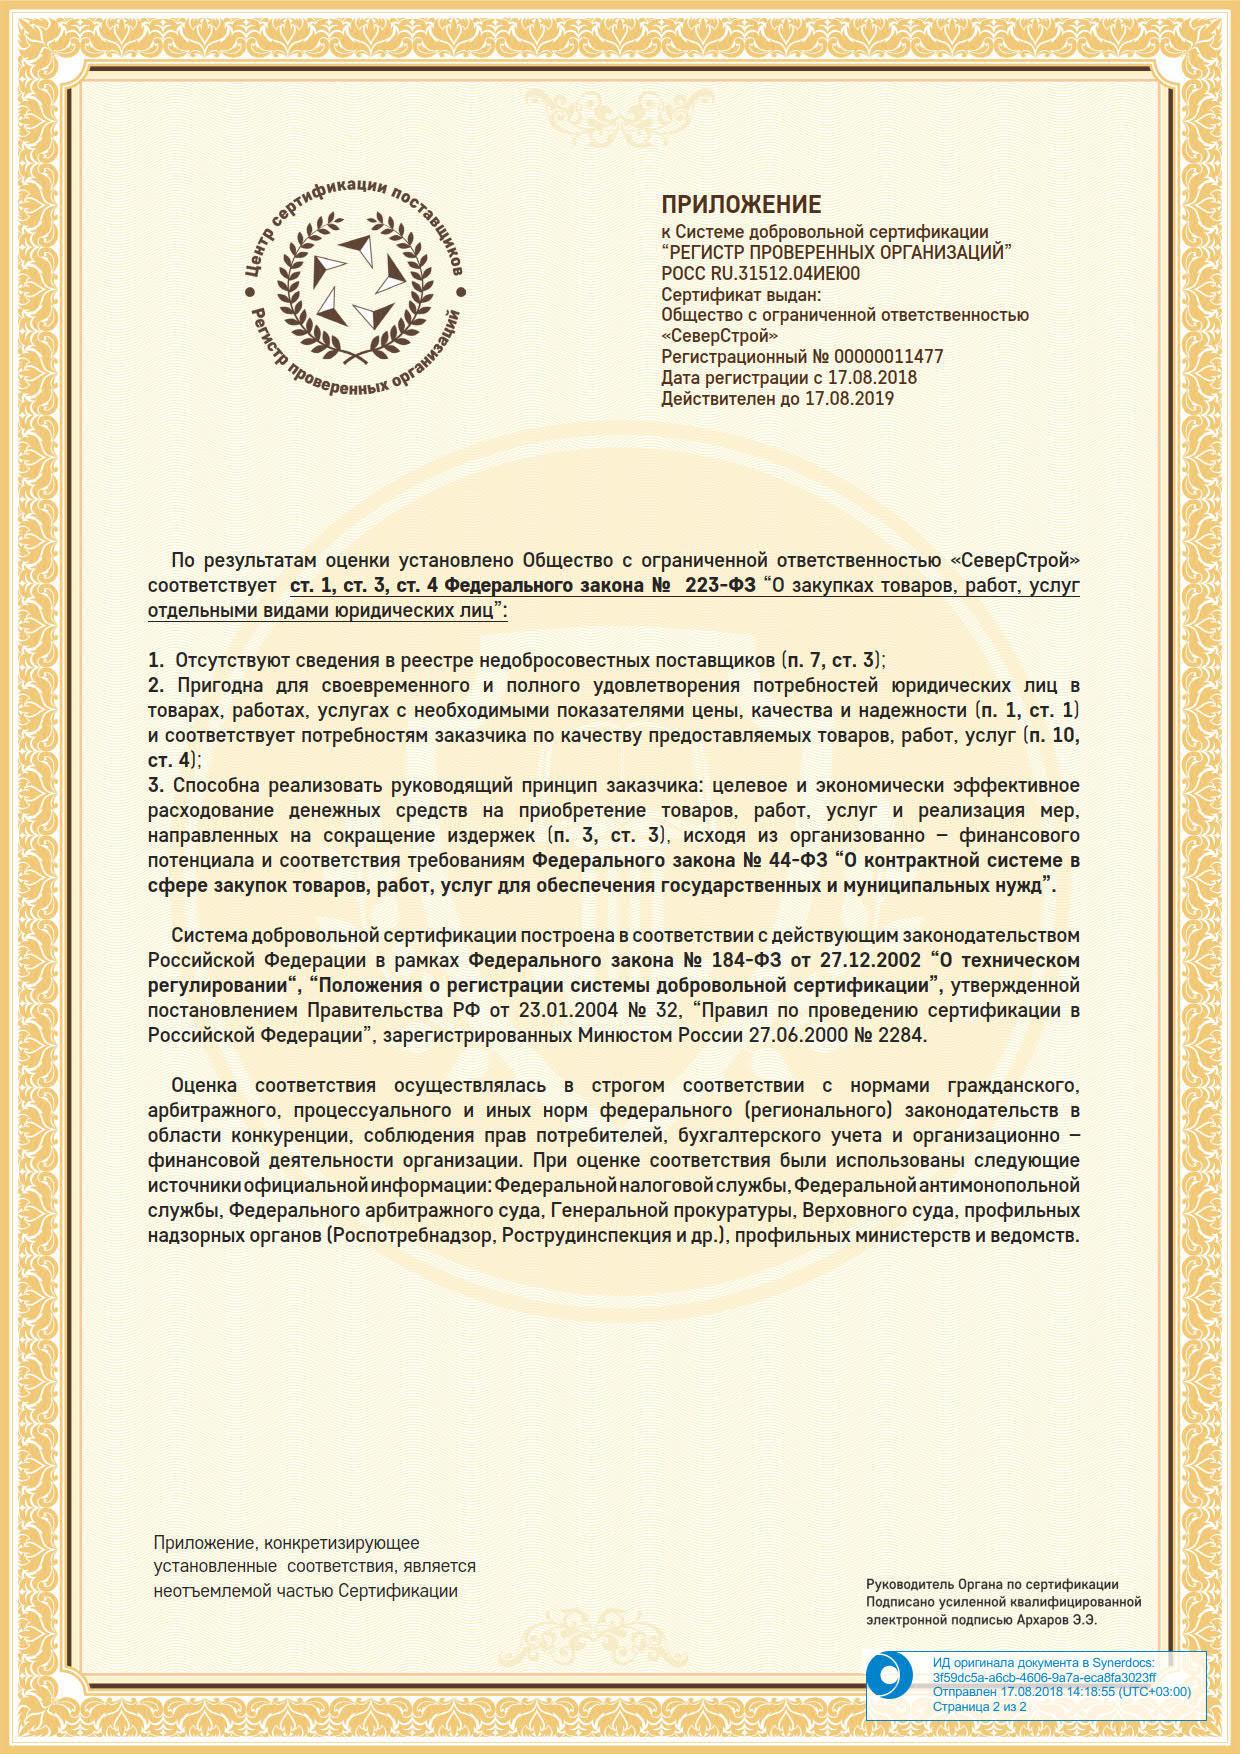 СеверСтрой (Винтосвай) в Регистре Проверенных Организаций (РПО)